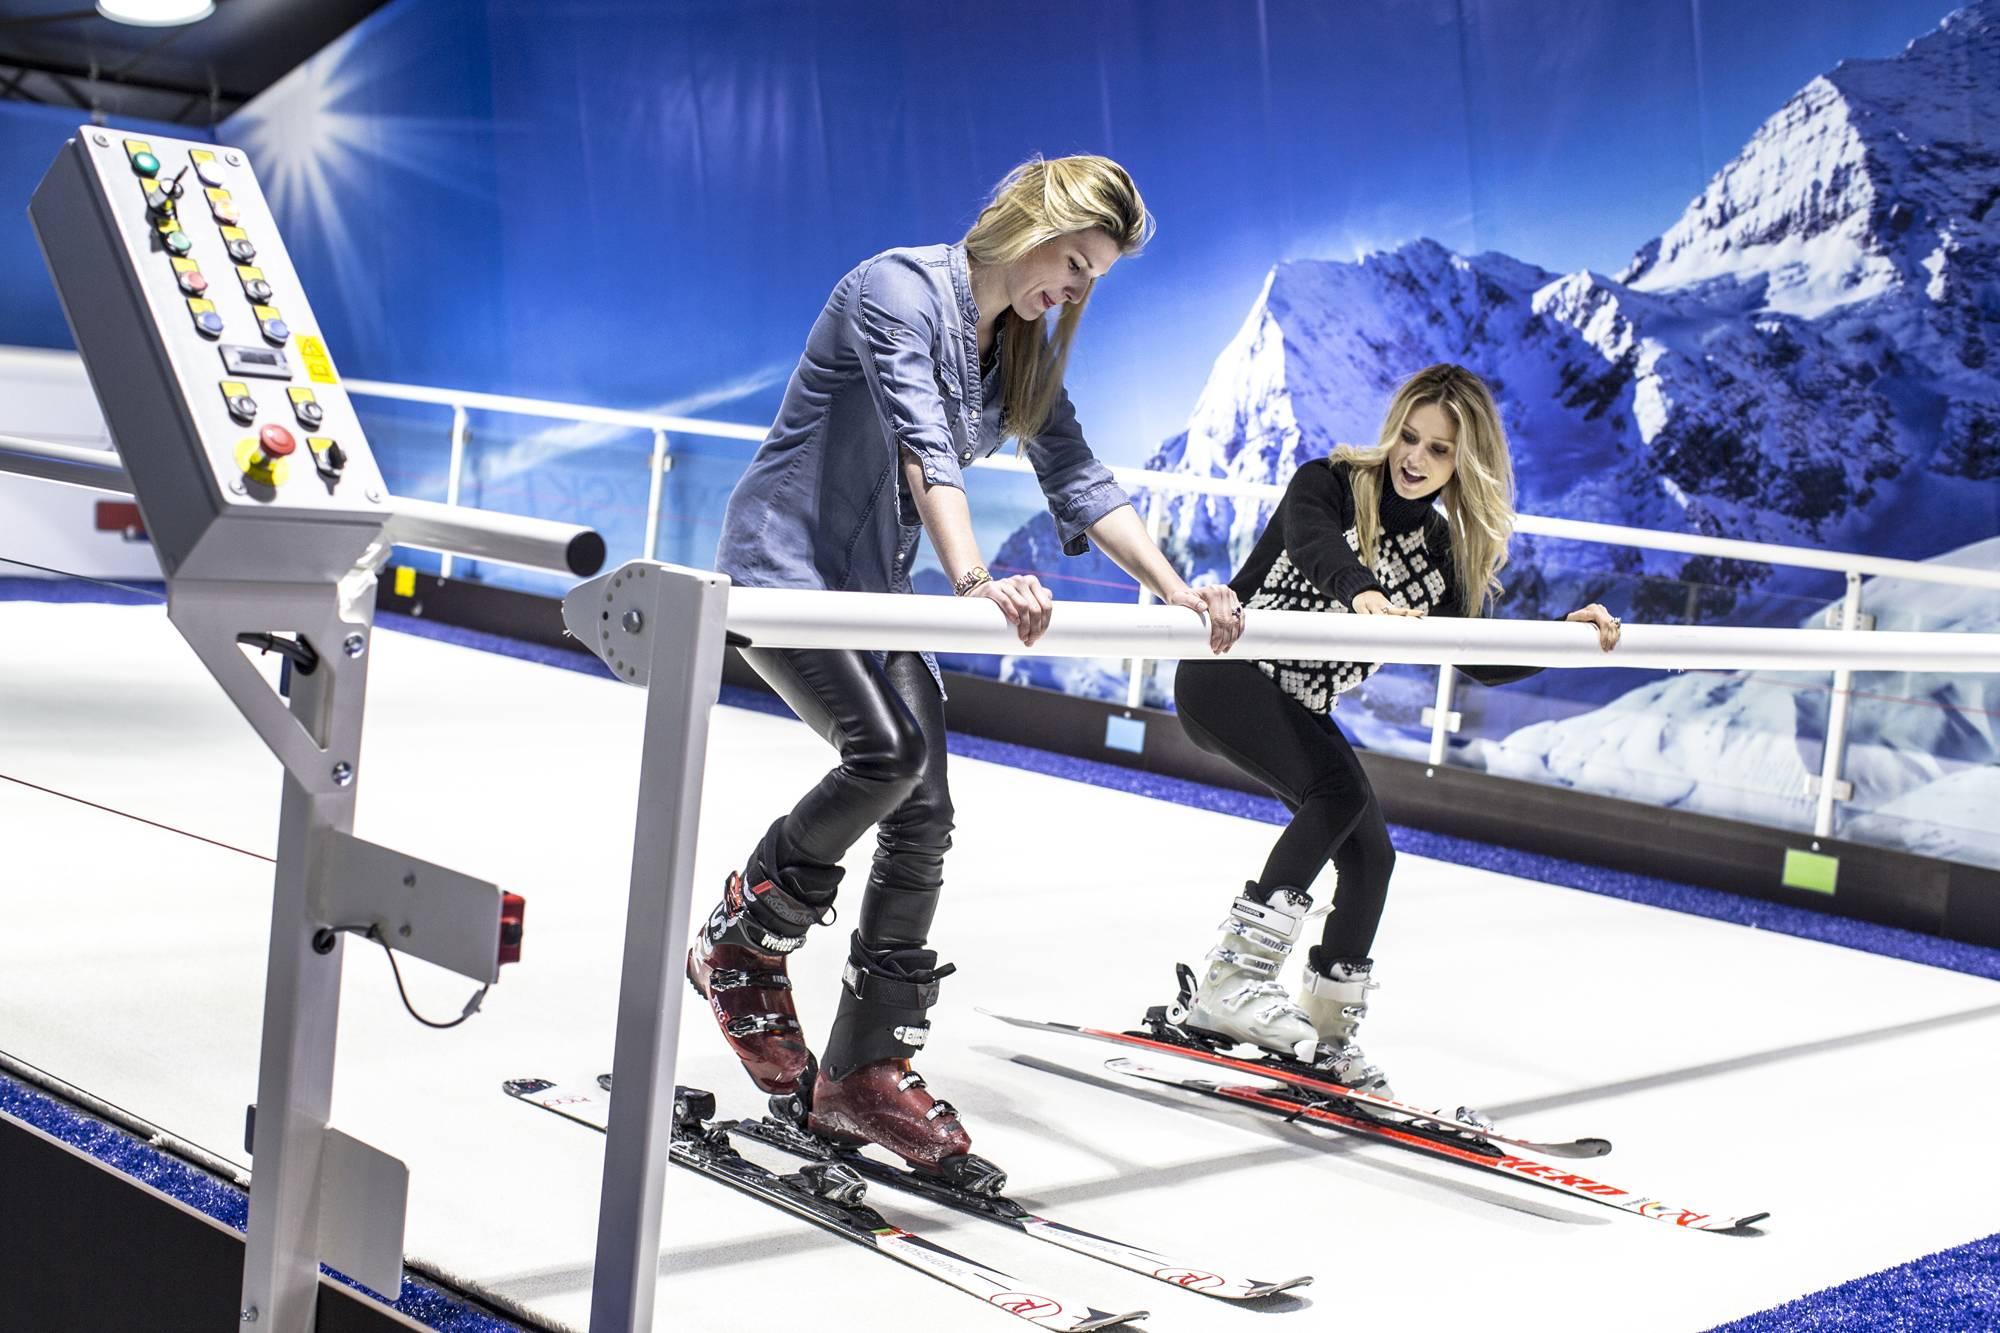 cours de ski lyon